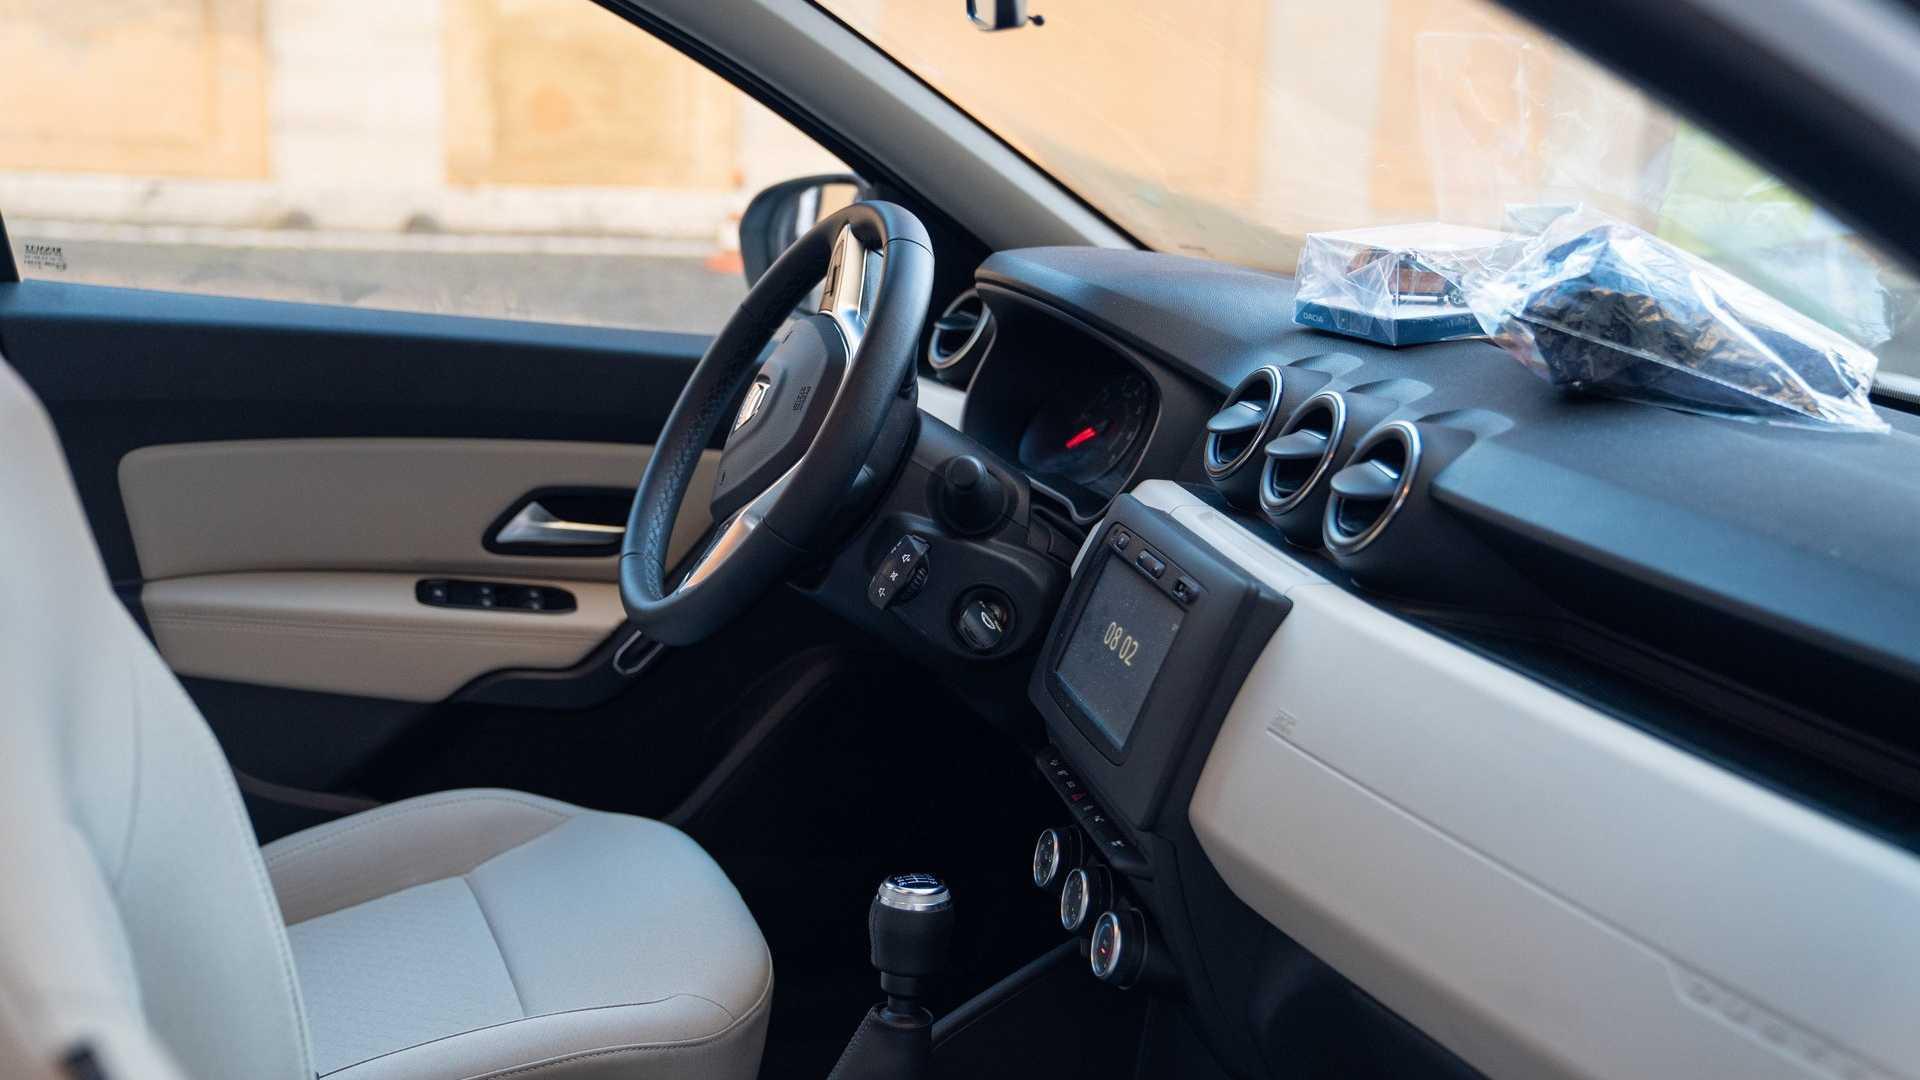 داچیا داستر خودروی جدید پاپ فرانسیس خواهد بود + تصاویر